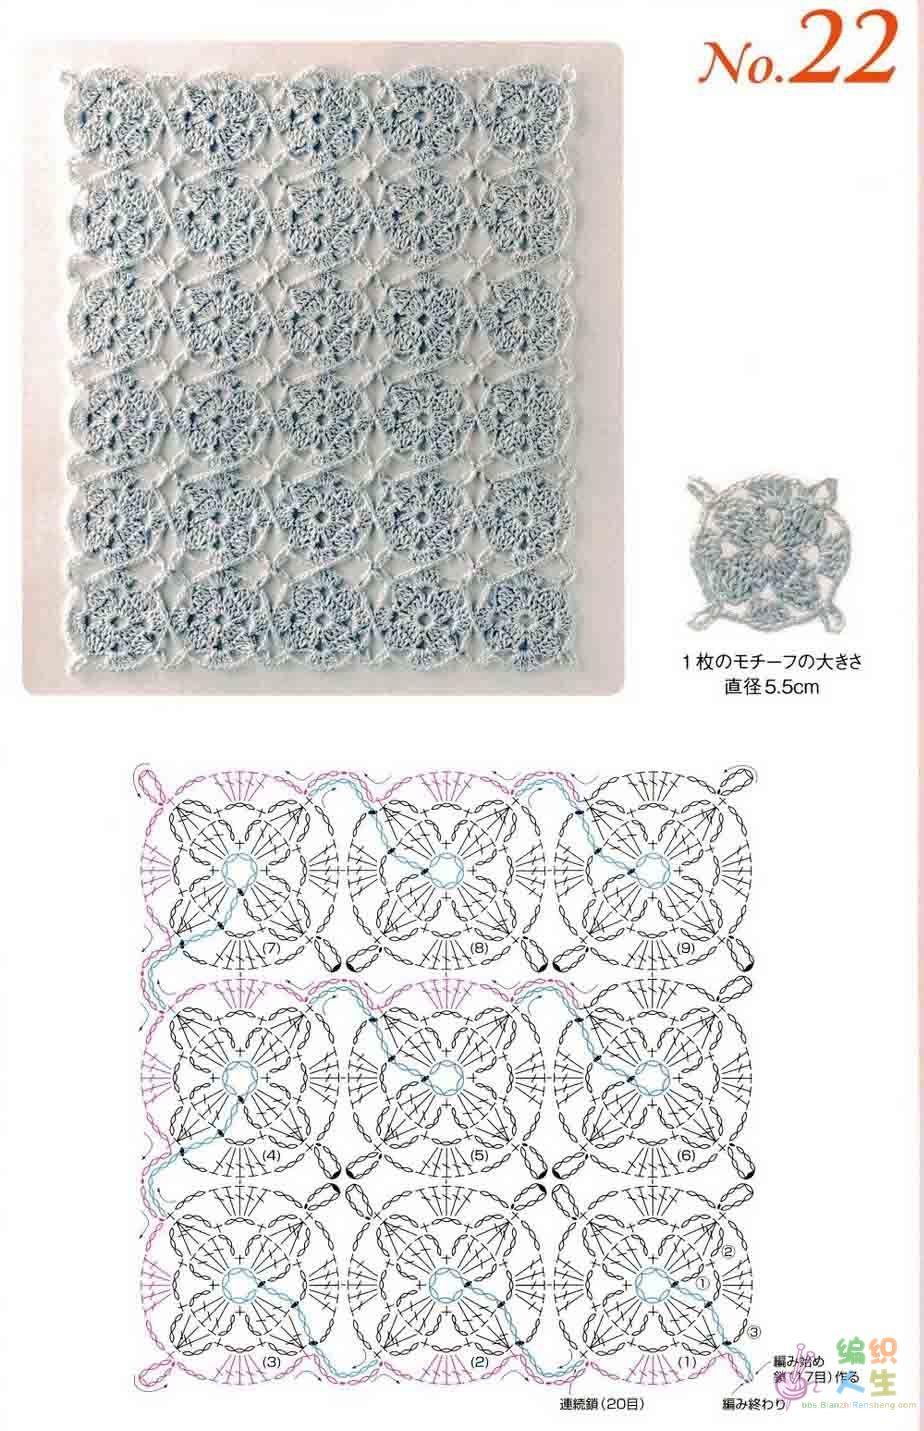 Clases de Puntos y Patrones. Libros - Patrones Crochet ...